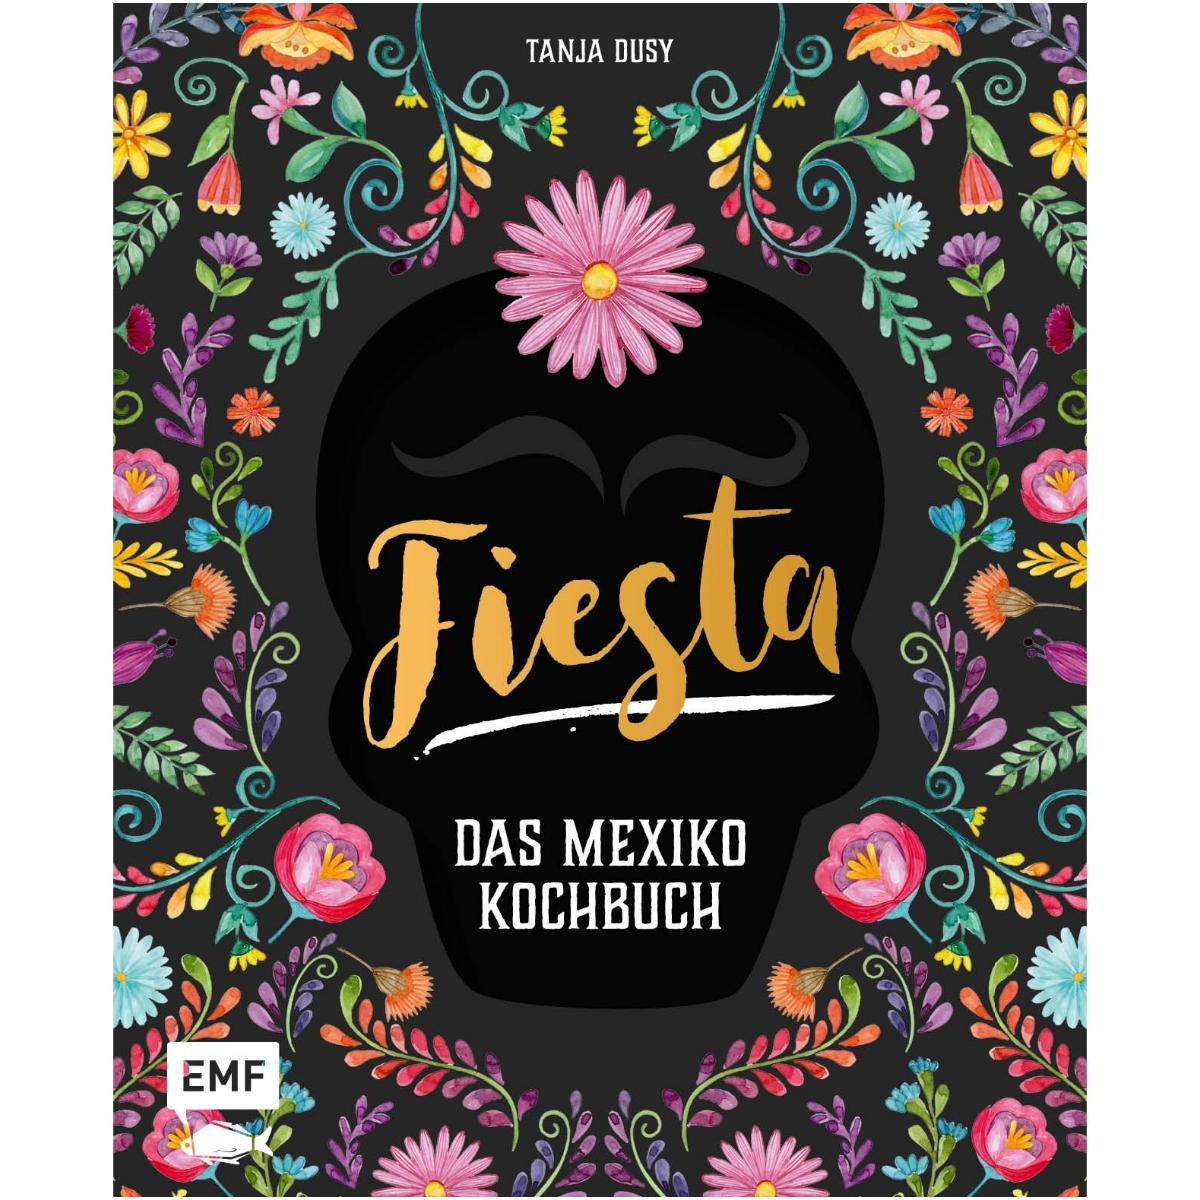 Fiesta _ Das Mexiko Kochbuch